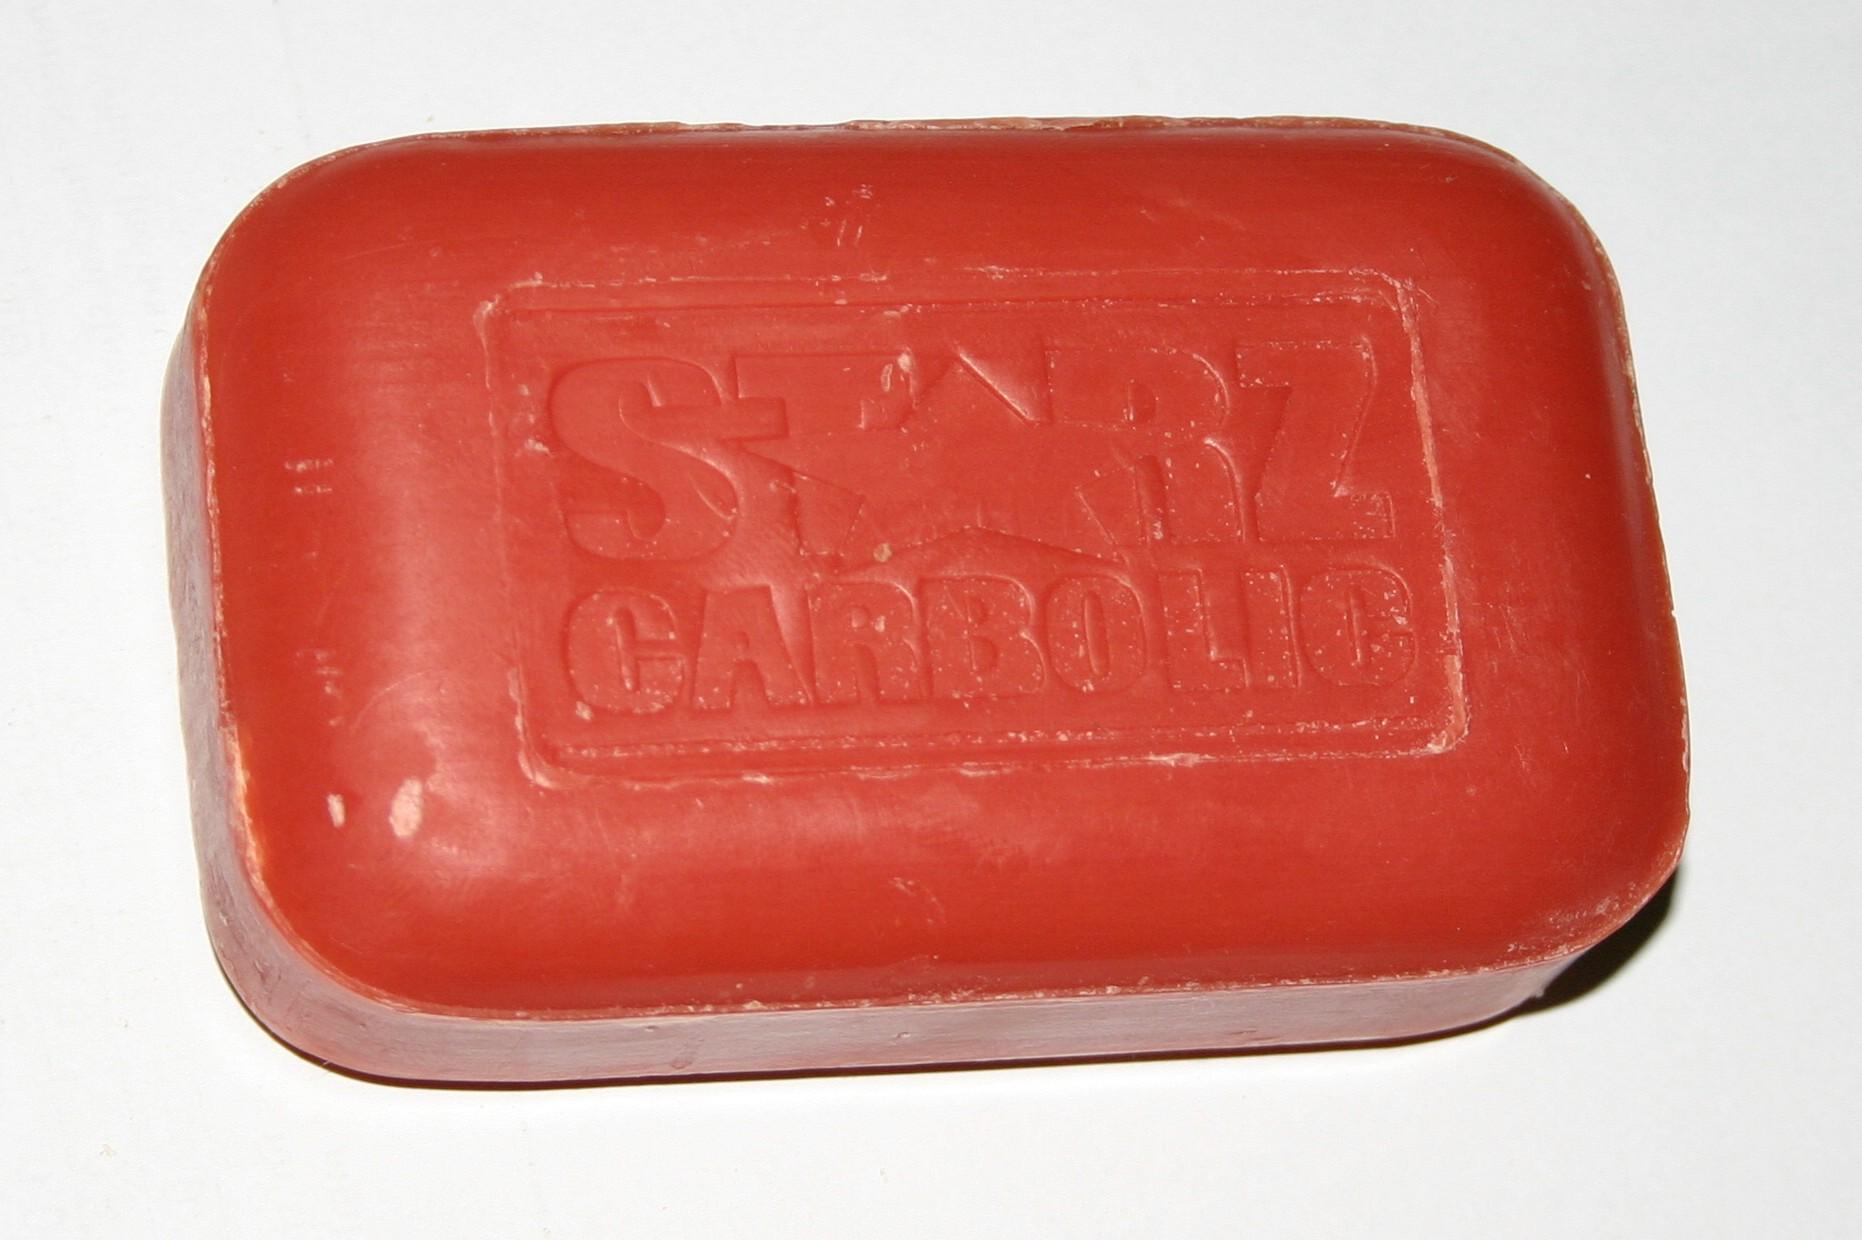 Carbolic soap - Wikipedia